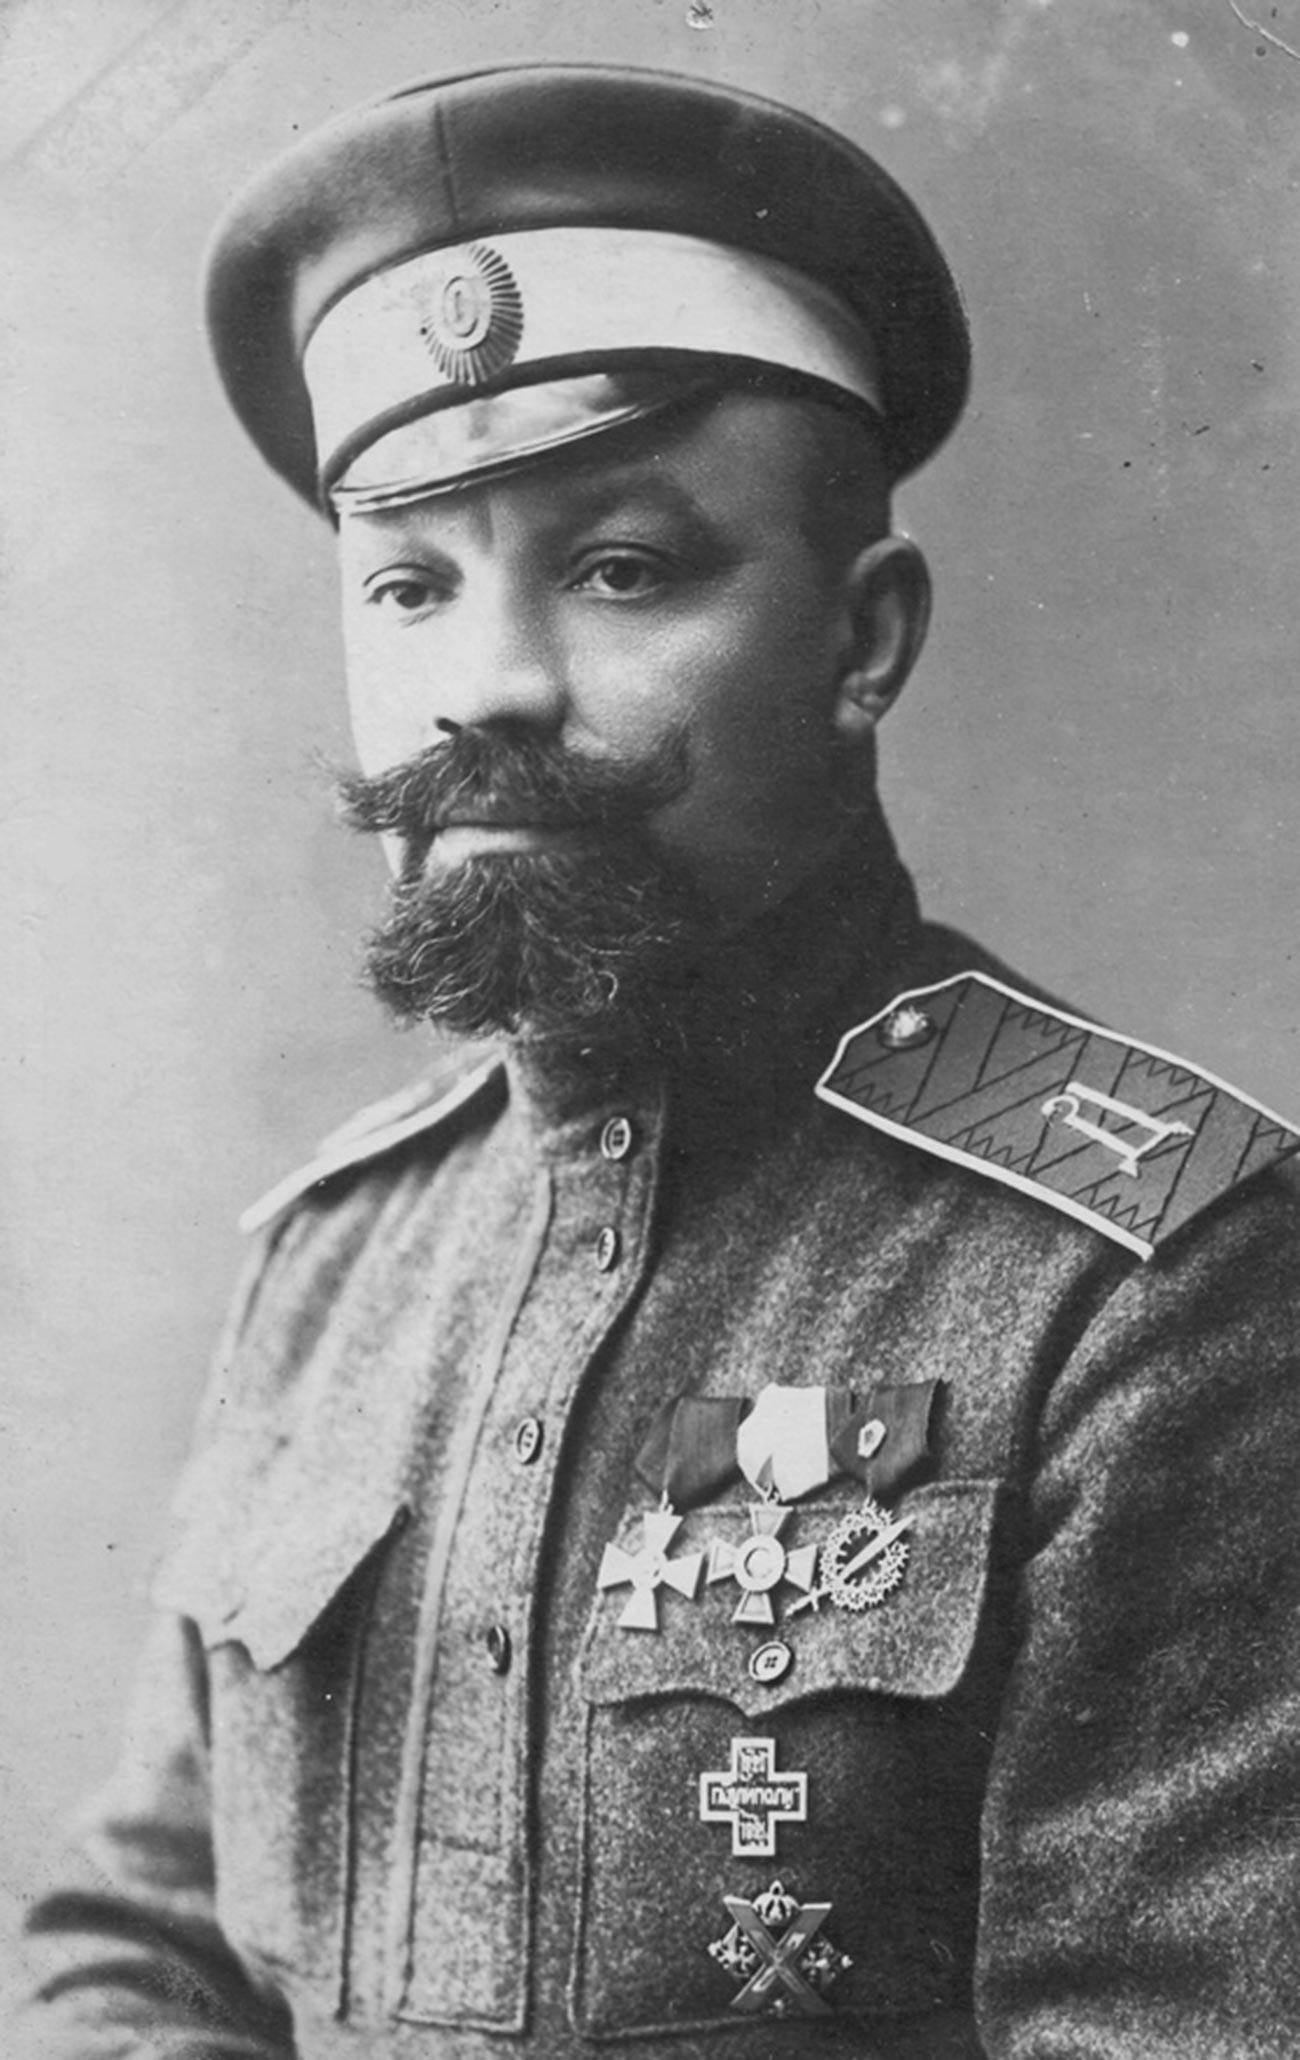 アレクサンドル・クテポフ将軍